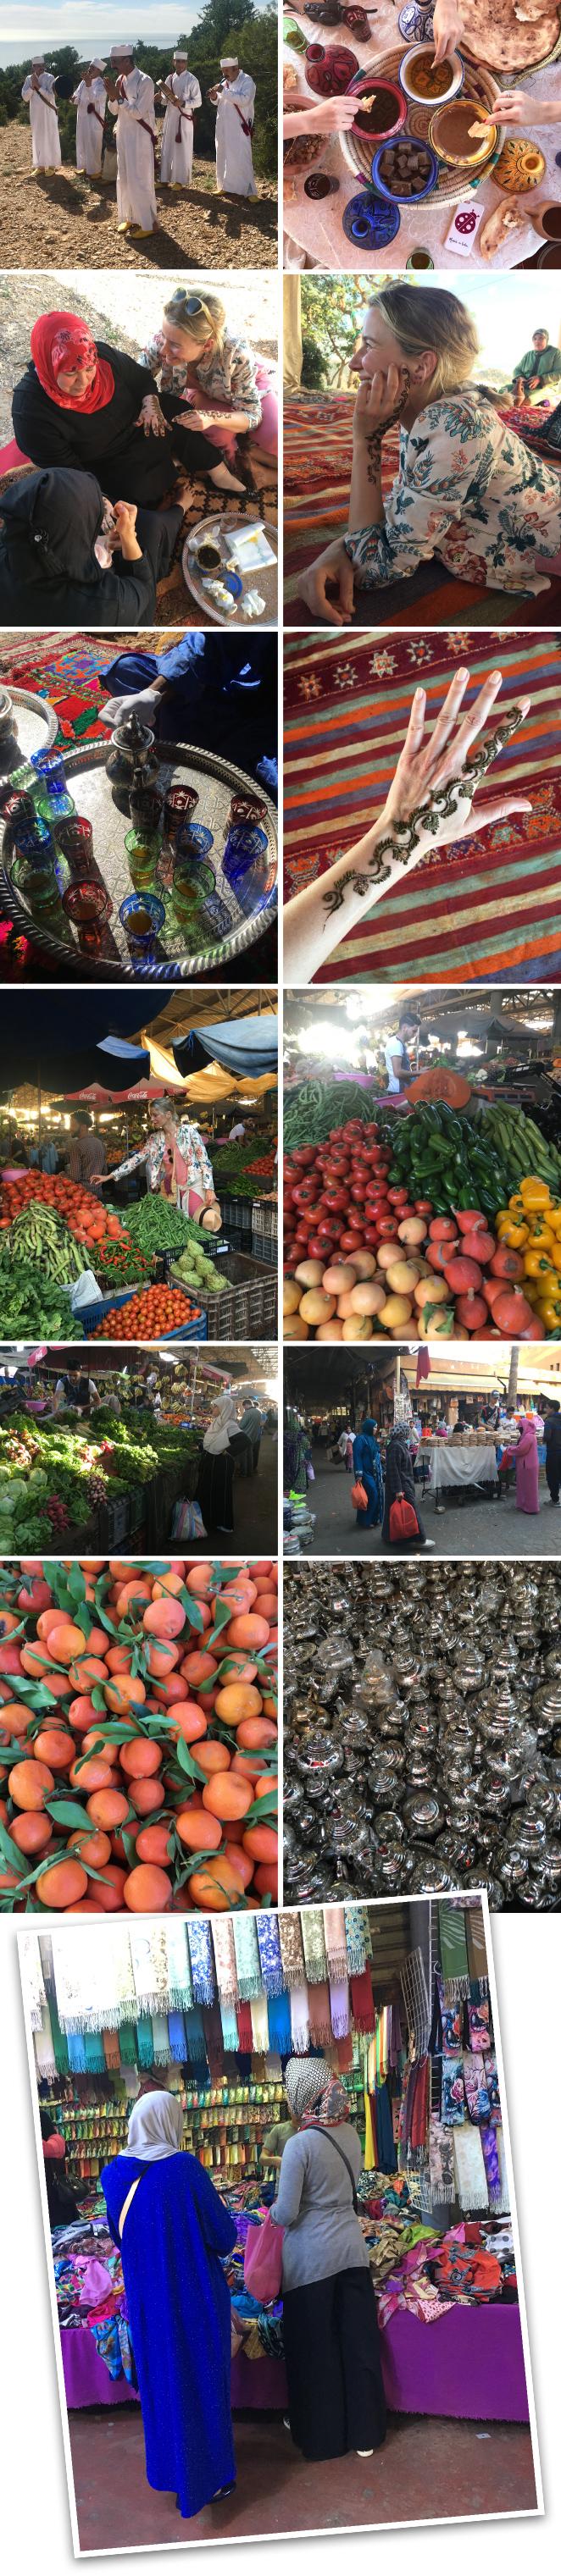 Si tuve la oportunidad de pasearme un ratito por el zoco de la ciudad donde se pueden comprar todo tipo de productos locales y hay ambiente local muy entretenido. Además, nos prepararon una típica merienda de la zona amenizada con música bereber.